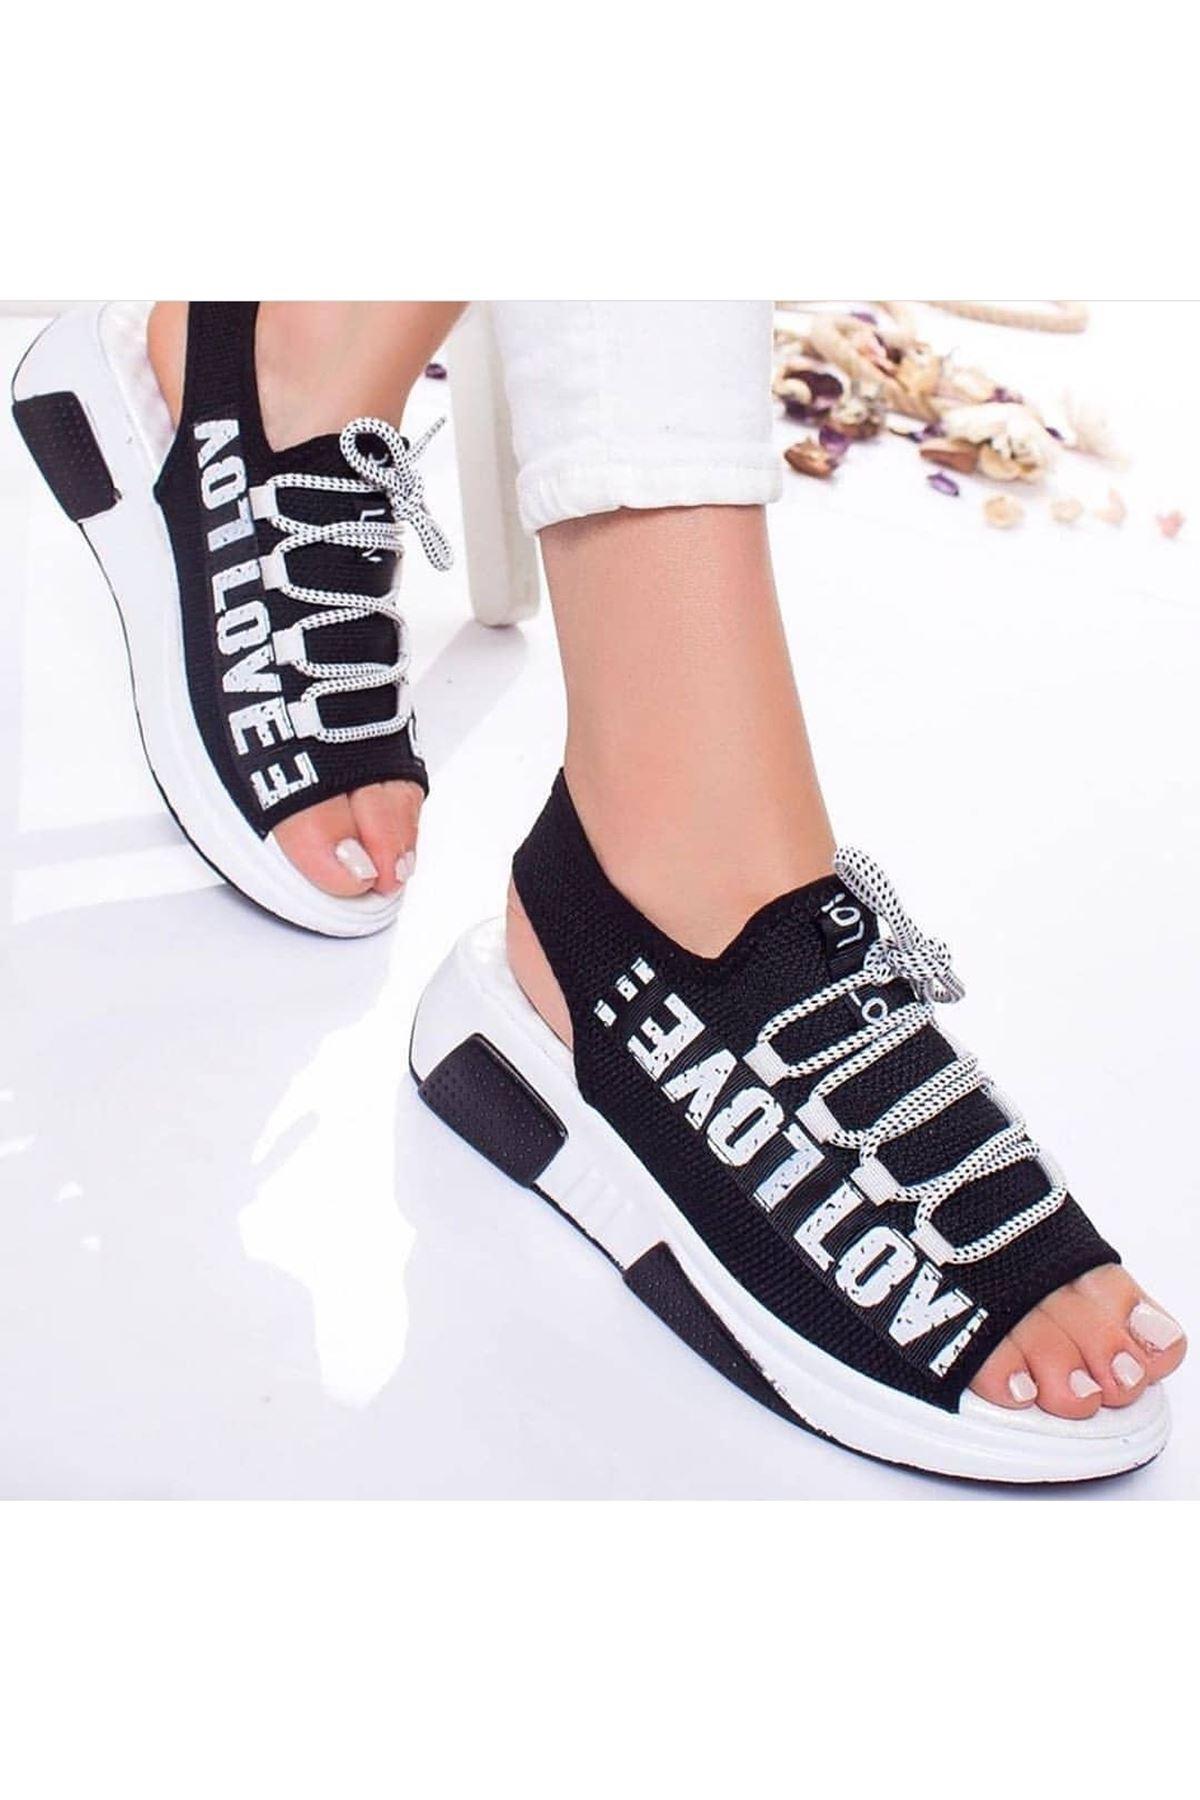 Lover Çelik Örgü Yazı Detay Sandalet Siyah